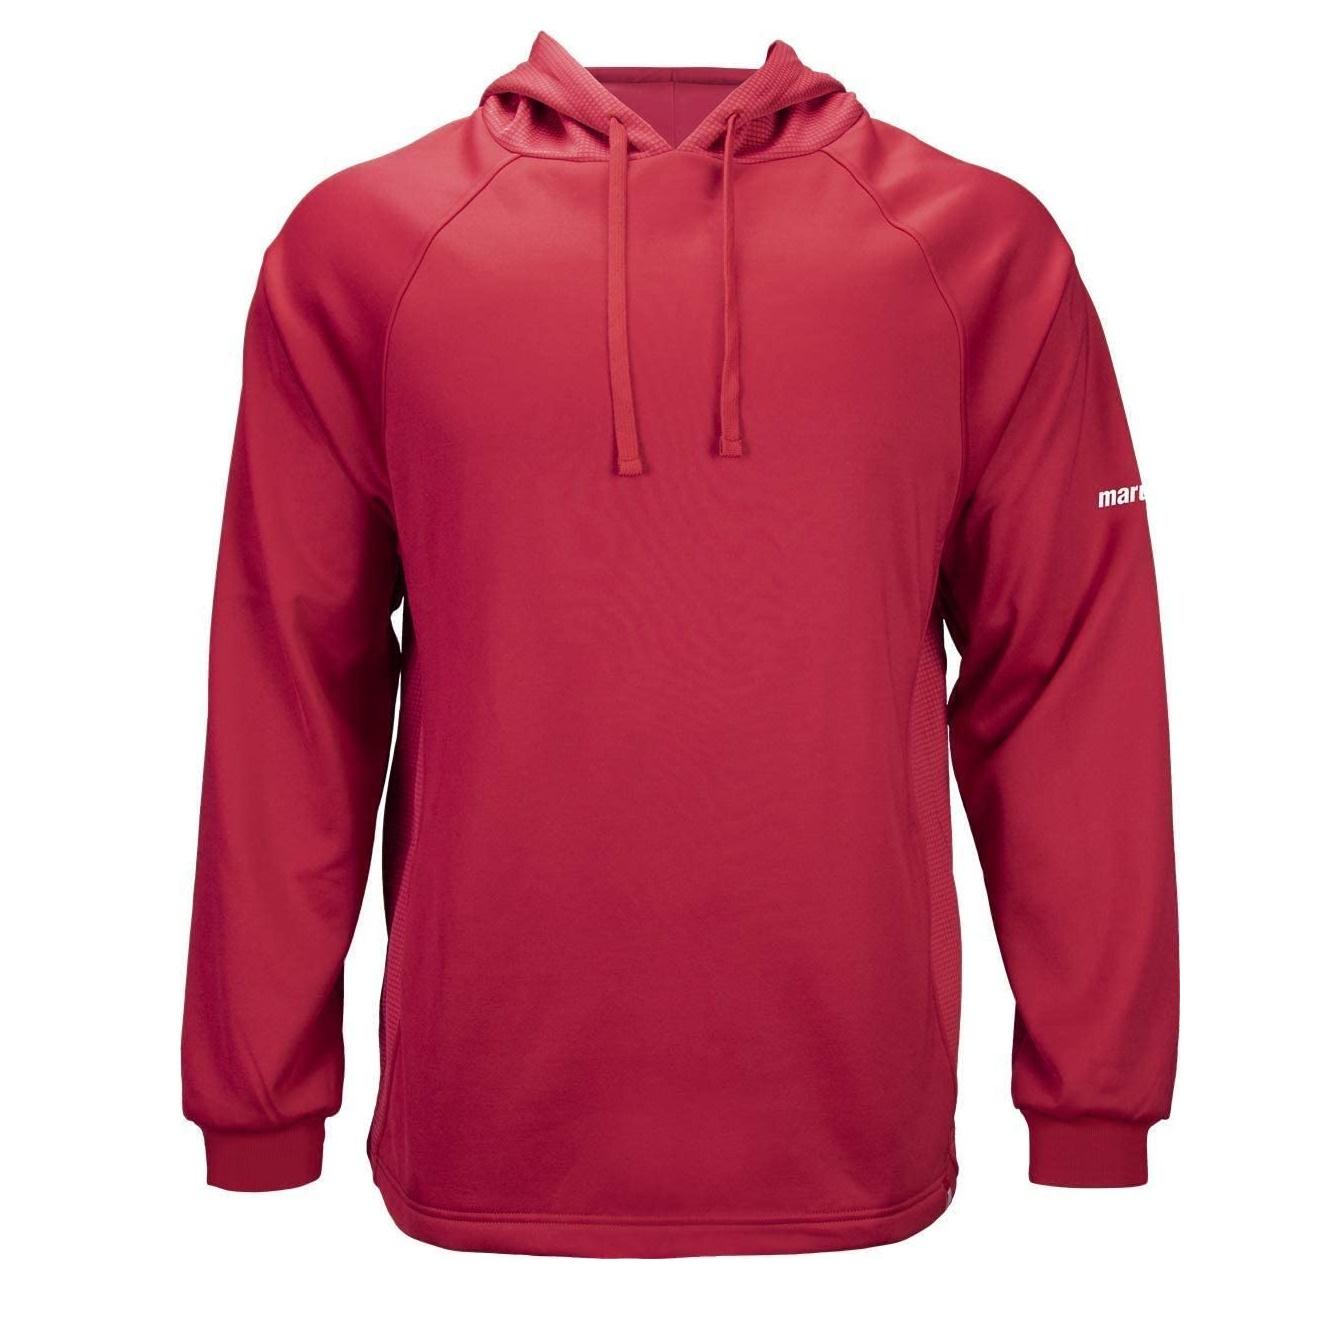 marucci-sports-mens-warm-up-tech-fleece-matflhtc-red-adult-small-baseball-hoodie MATFLHTC-R-AS   Marucci Sports - Warm-Up Tech Fleece MATFLHTCY Baseball Hoodie. As a